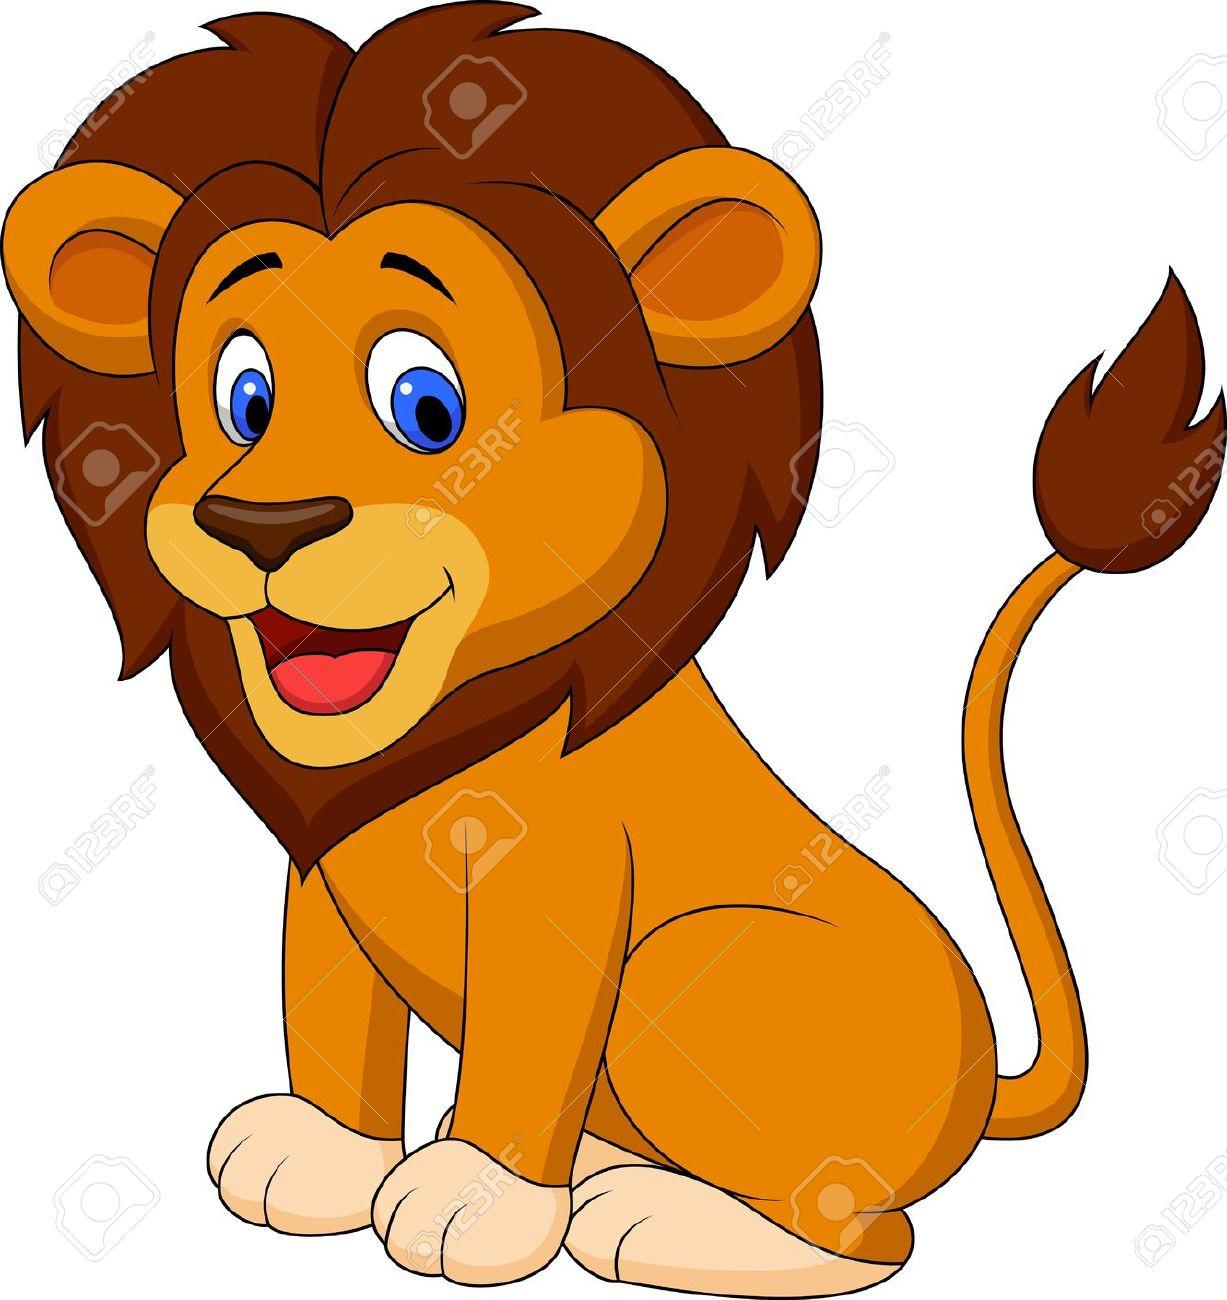 Clipart lion. Goofy